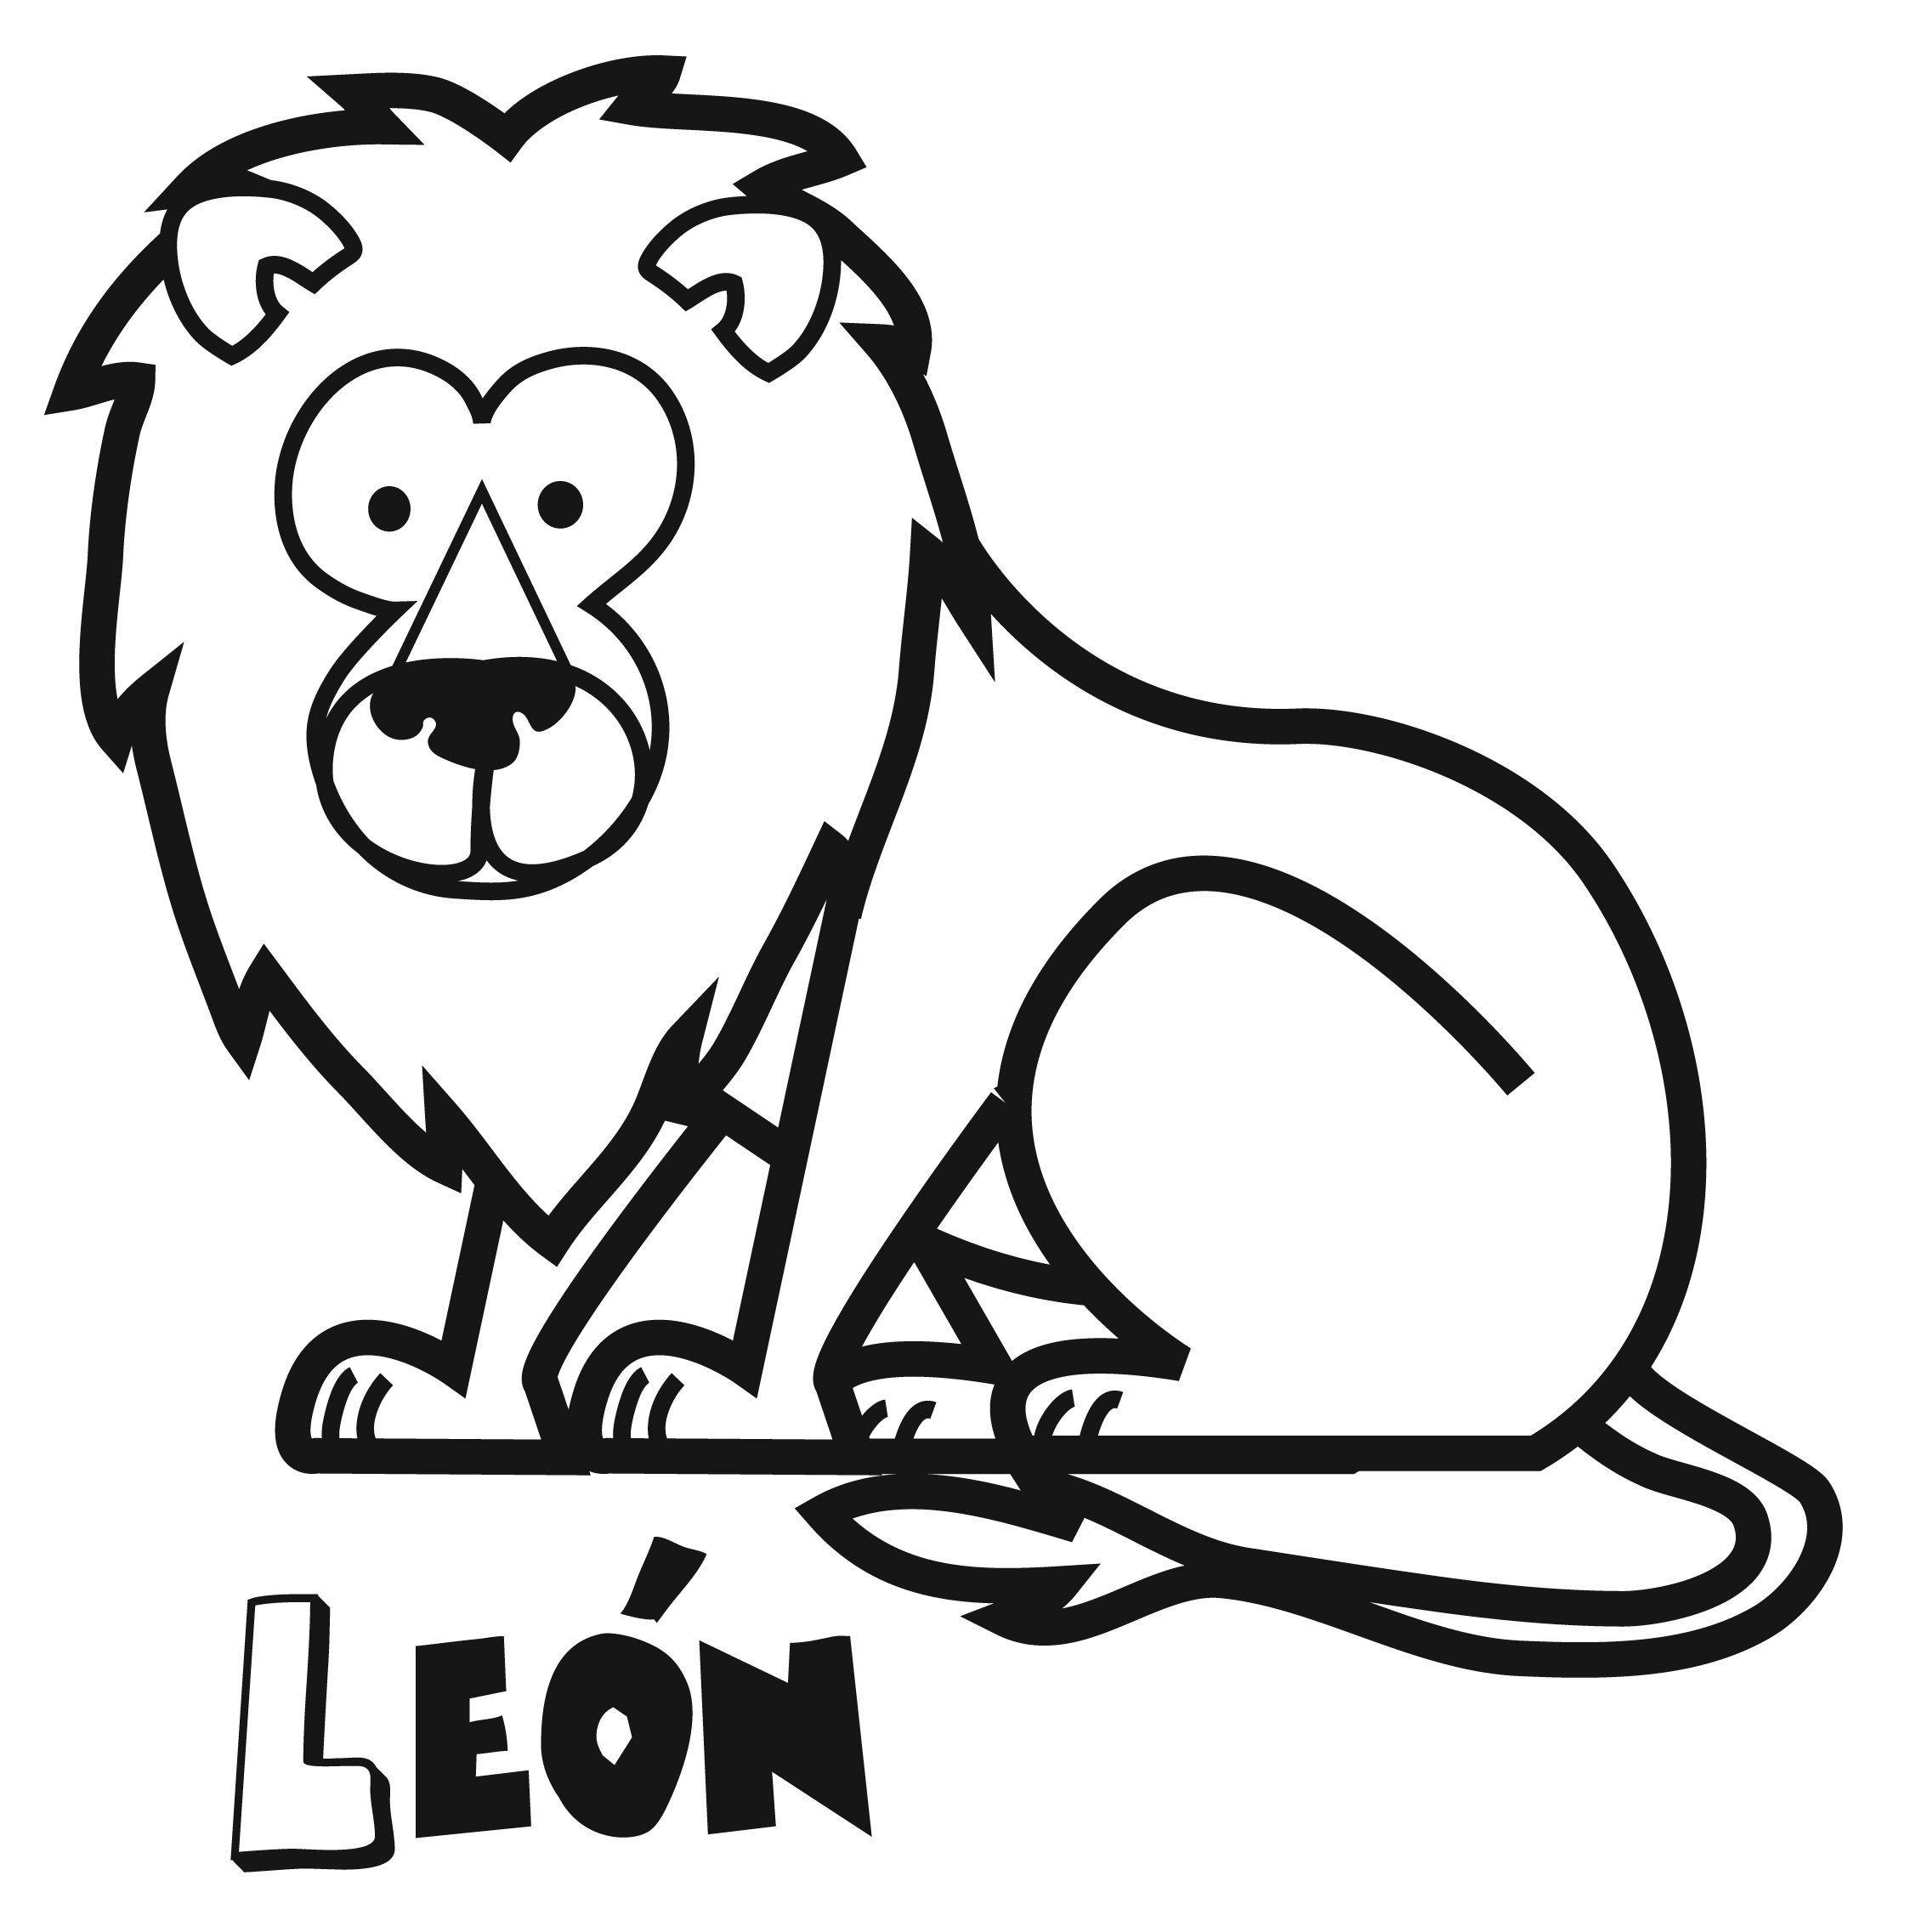 Dibujos de len para imprimir y colorear Dibujos de animales